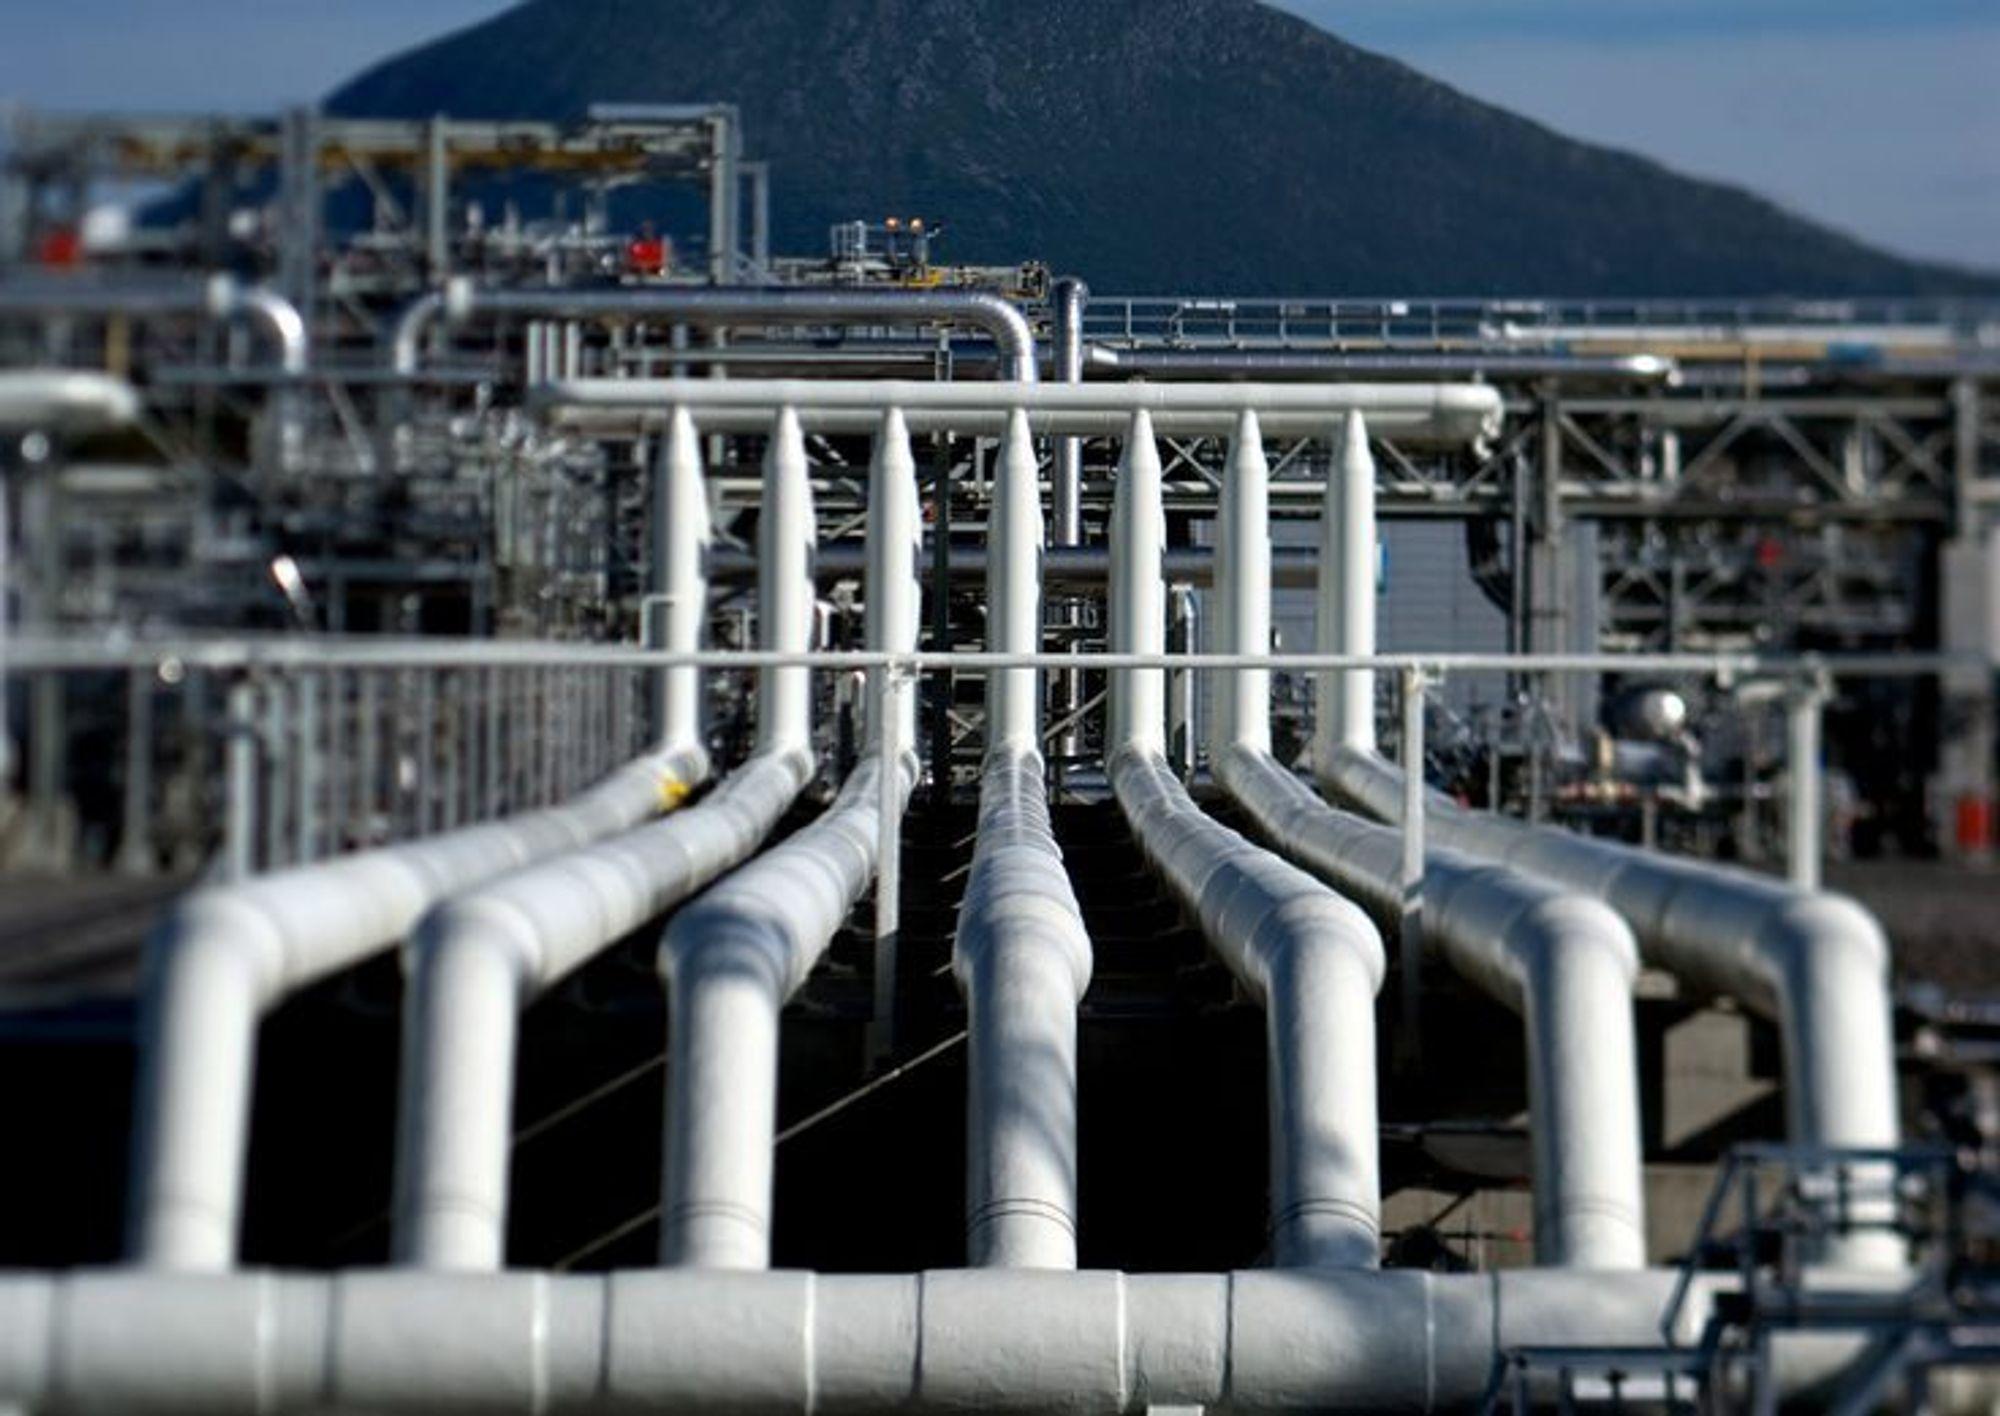 STOR KUNDE: Prosesseringsanlegget til Ormen Lange på Nyhamna er Statnetts største petroleumsrelaterte enkeltkunde. At dette anlegget, som bidrar til den anstrengte kraftsituasjonen i Midt-Norge, skal få rabatt på sentralnettstariffen med fleksibilitet som begrunnelse, er vanskelig å få aksept for blant folk flest, tror Statnett.